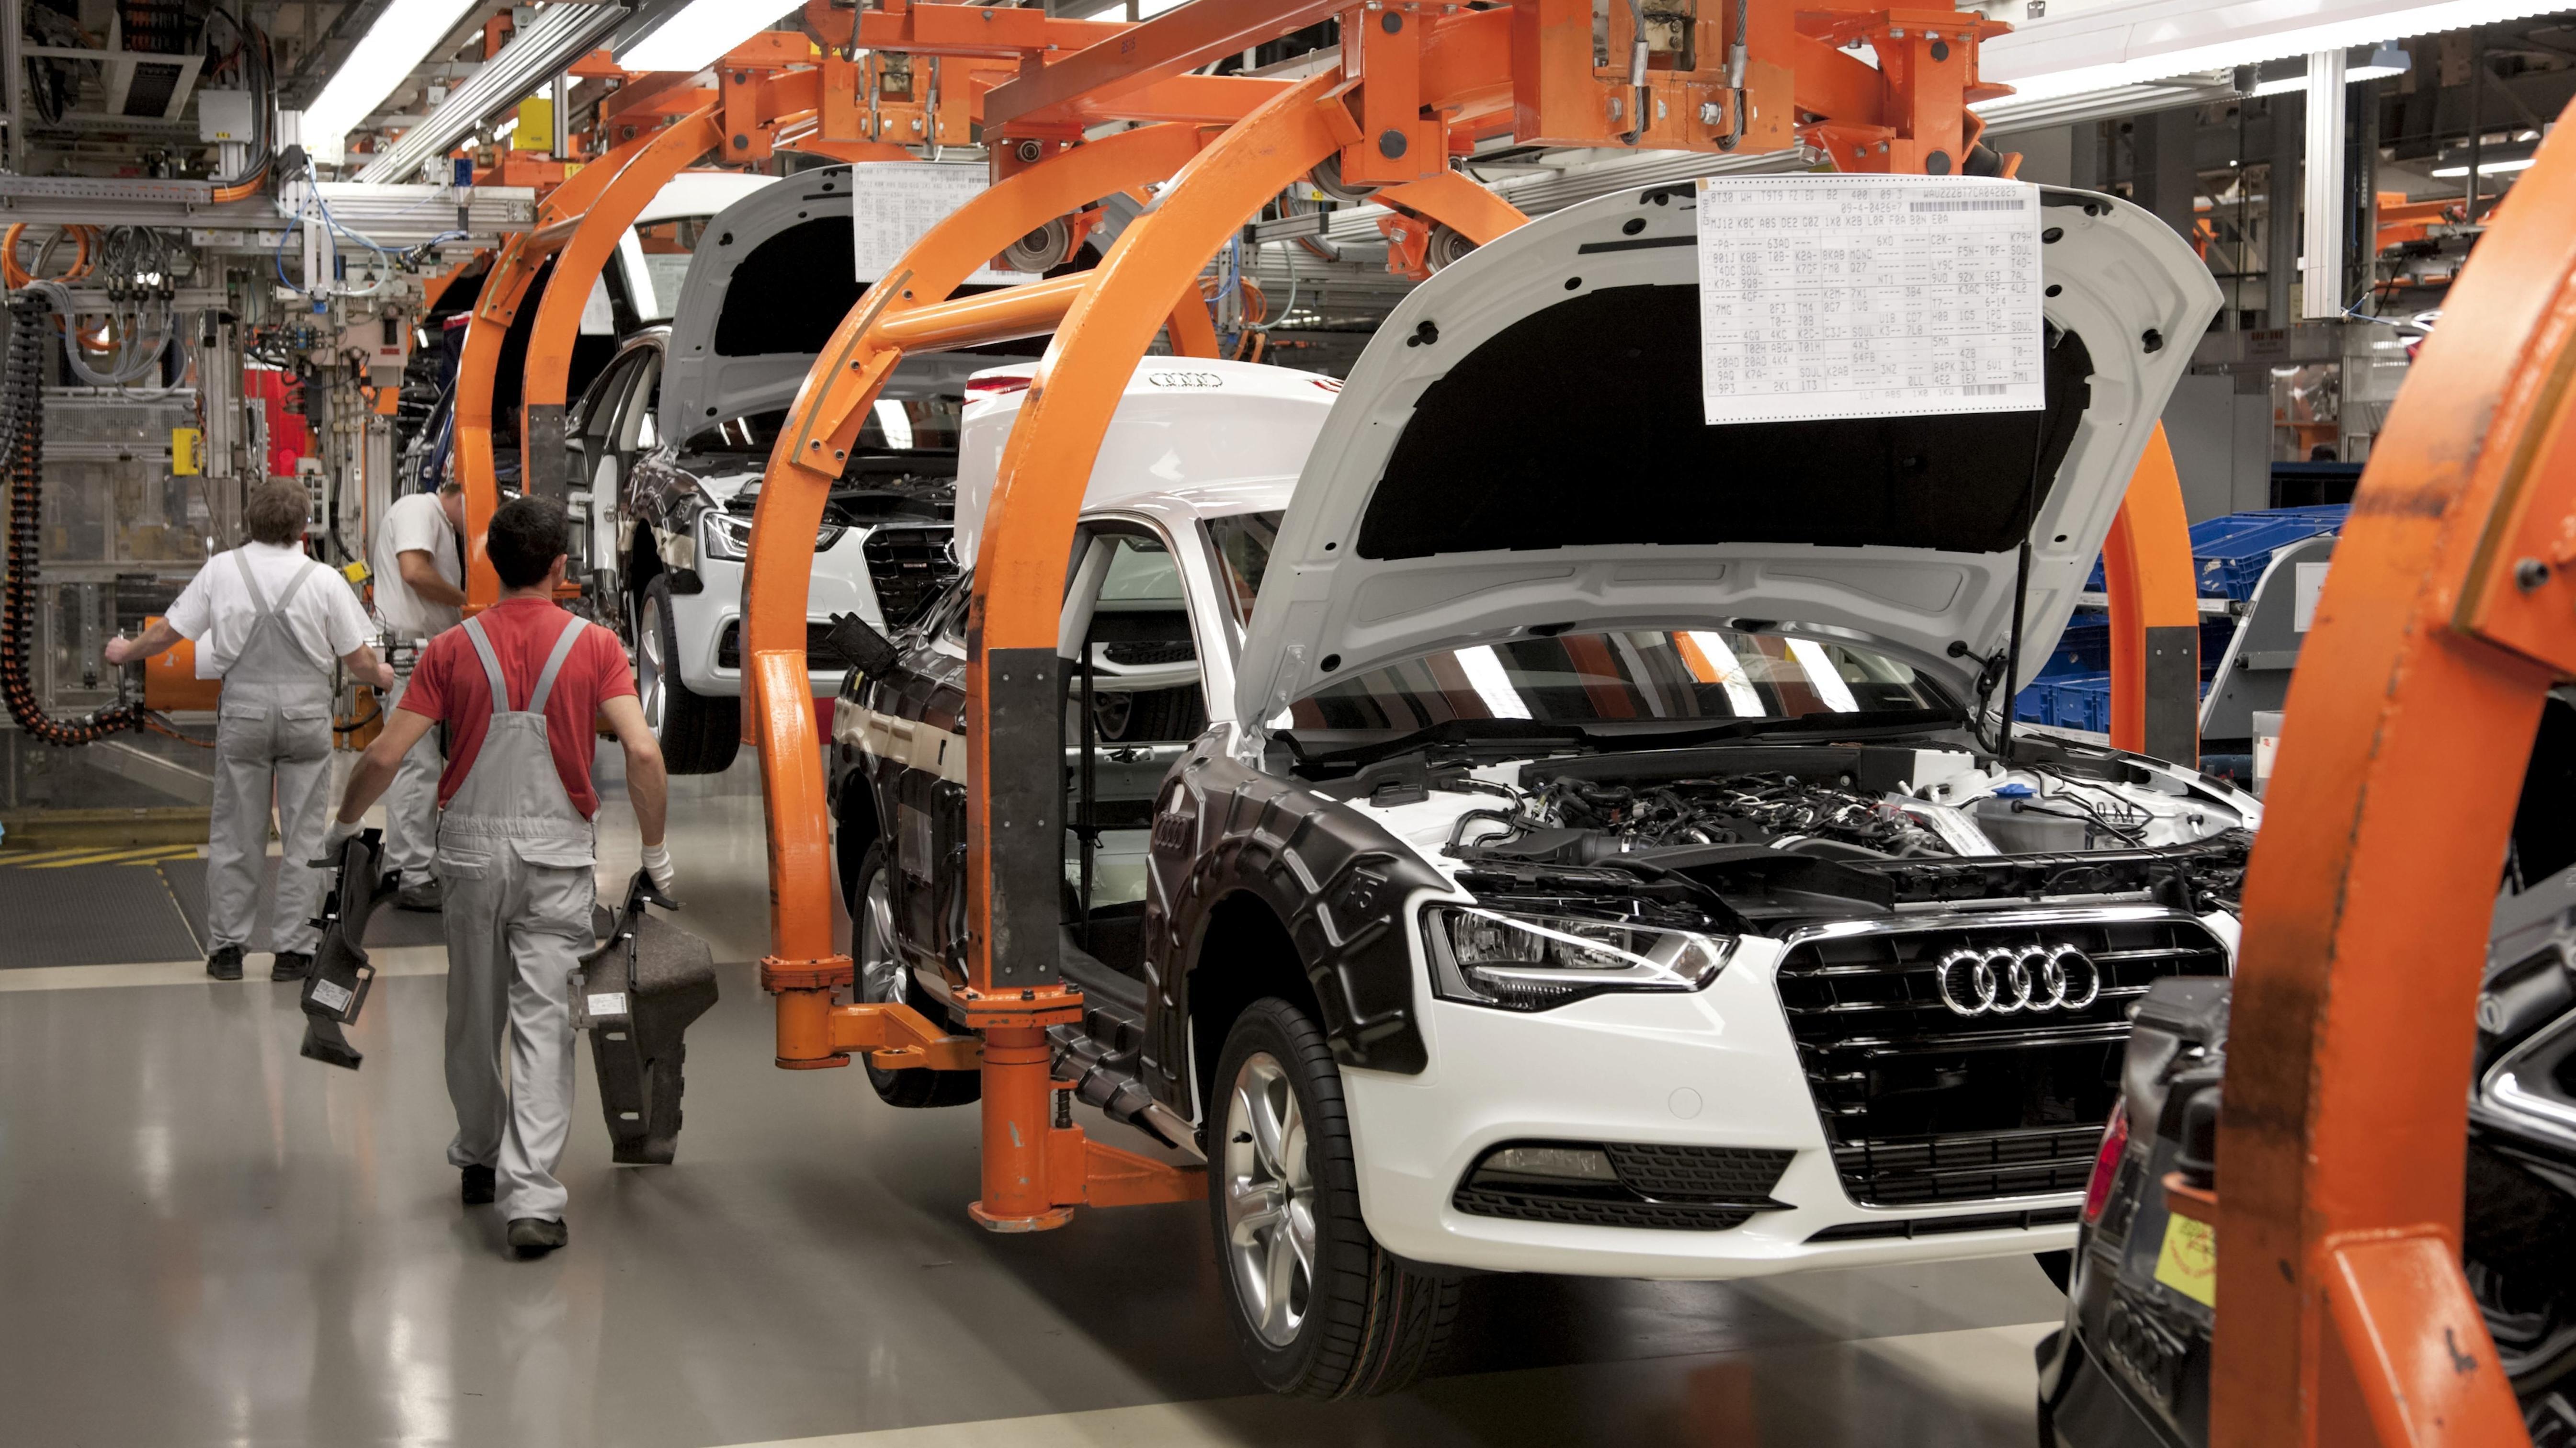 Fertigungsstraße für Limousinen im Audi-Werk Ingolstadt.